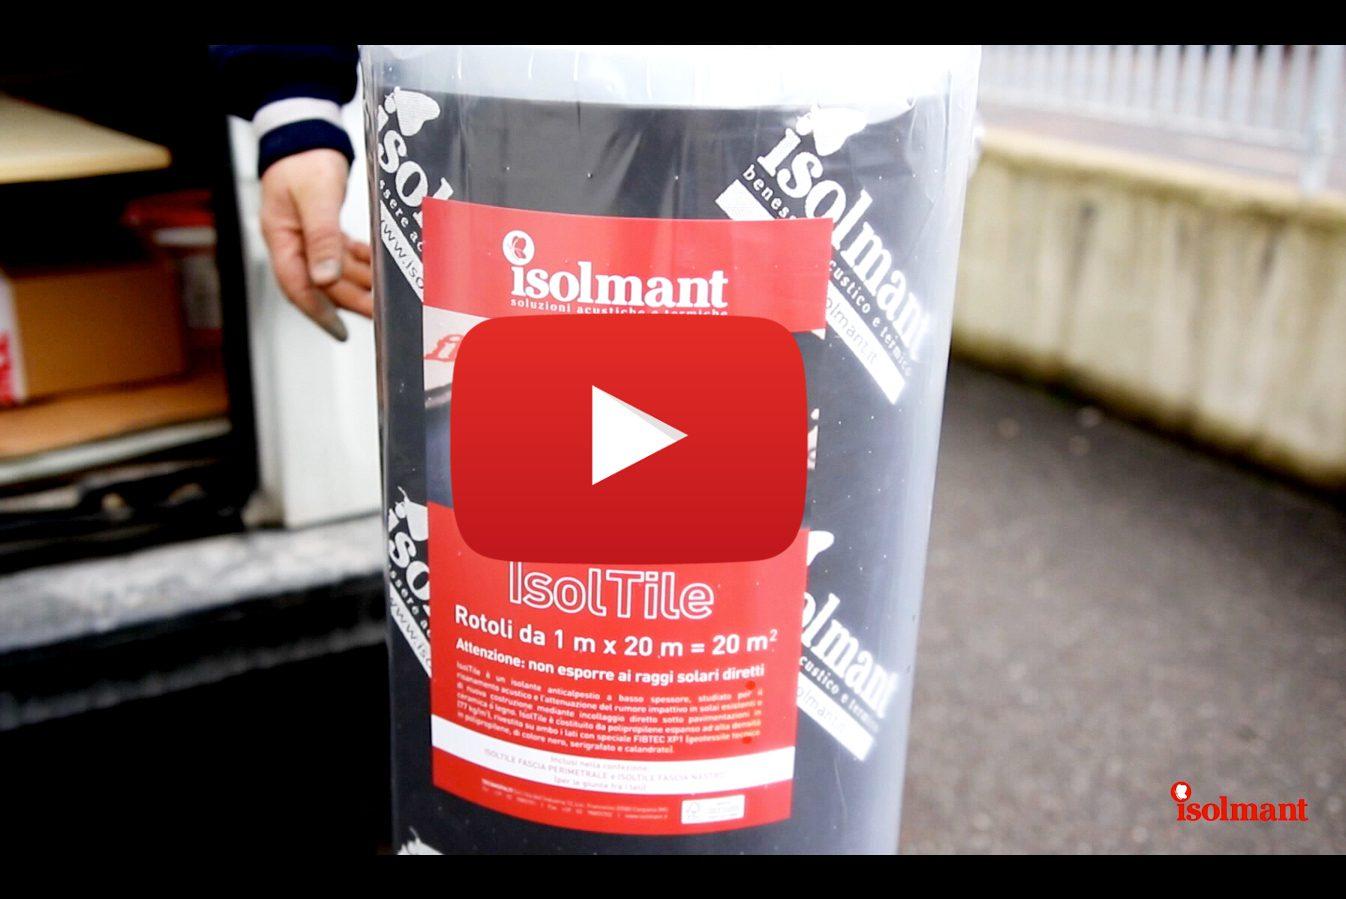 IsolTile-istruzioni-posa-Tecnasfalti- video-spot-dimostrativo-pubblicità-azienda-negozio-studio-professionale-professionista-artigiano